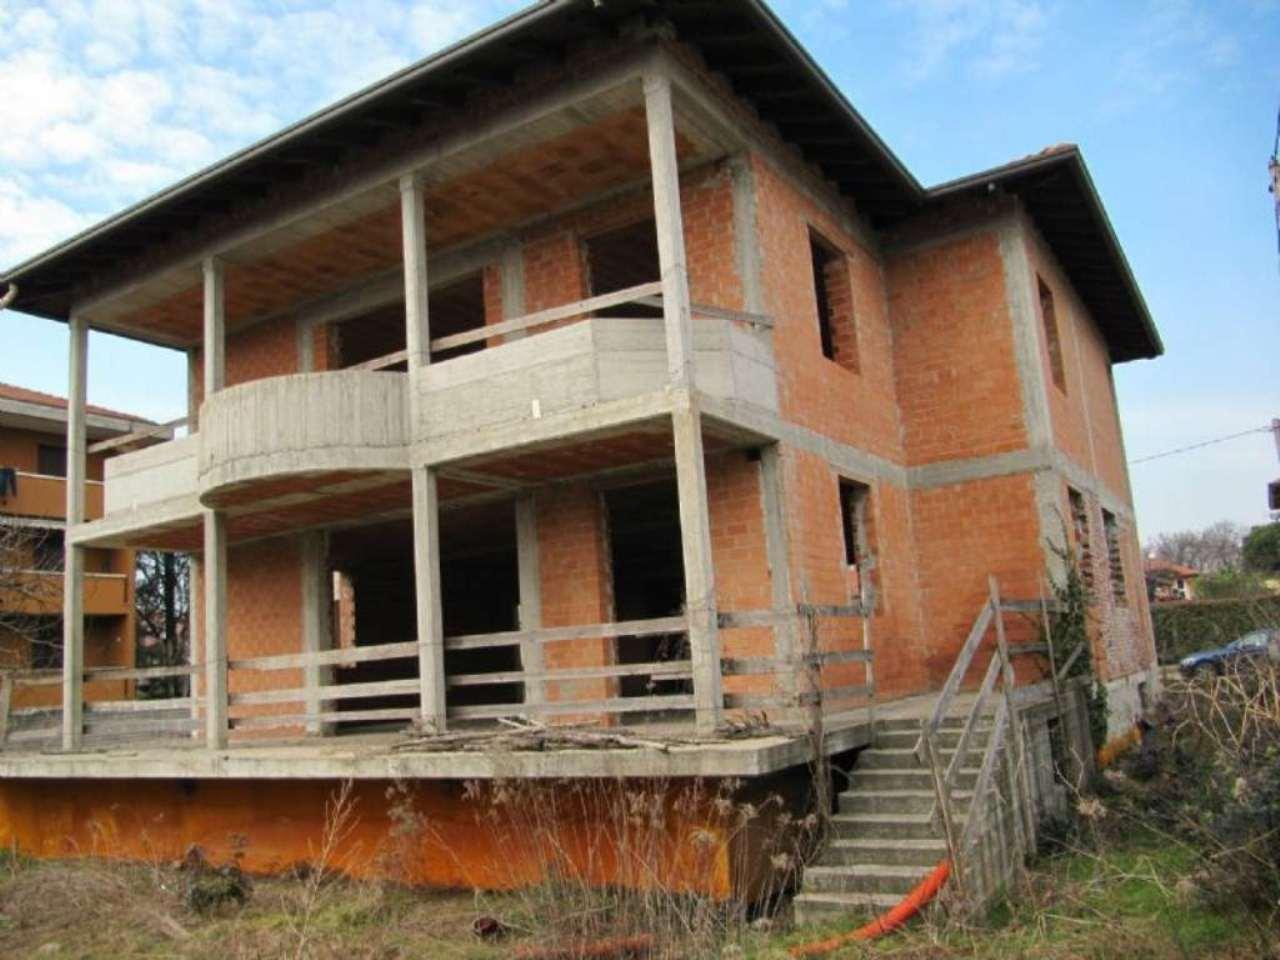 Villa Bifamiliare in vendita a Solbiate Olona, 8 locali, prezzo € 490.000 | Cambio Casa.it